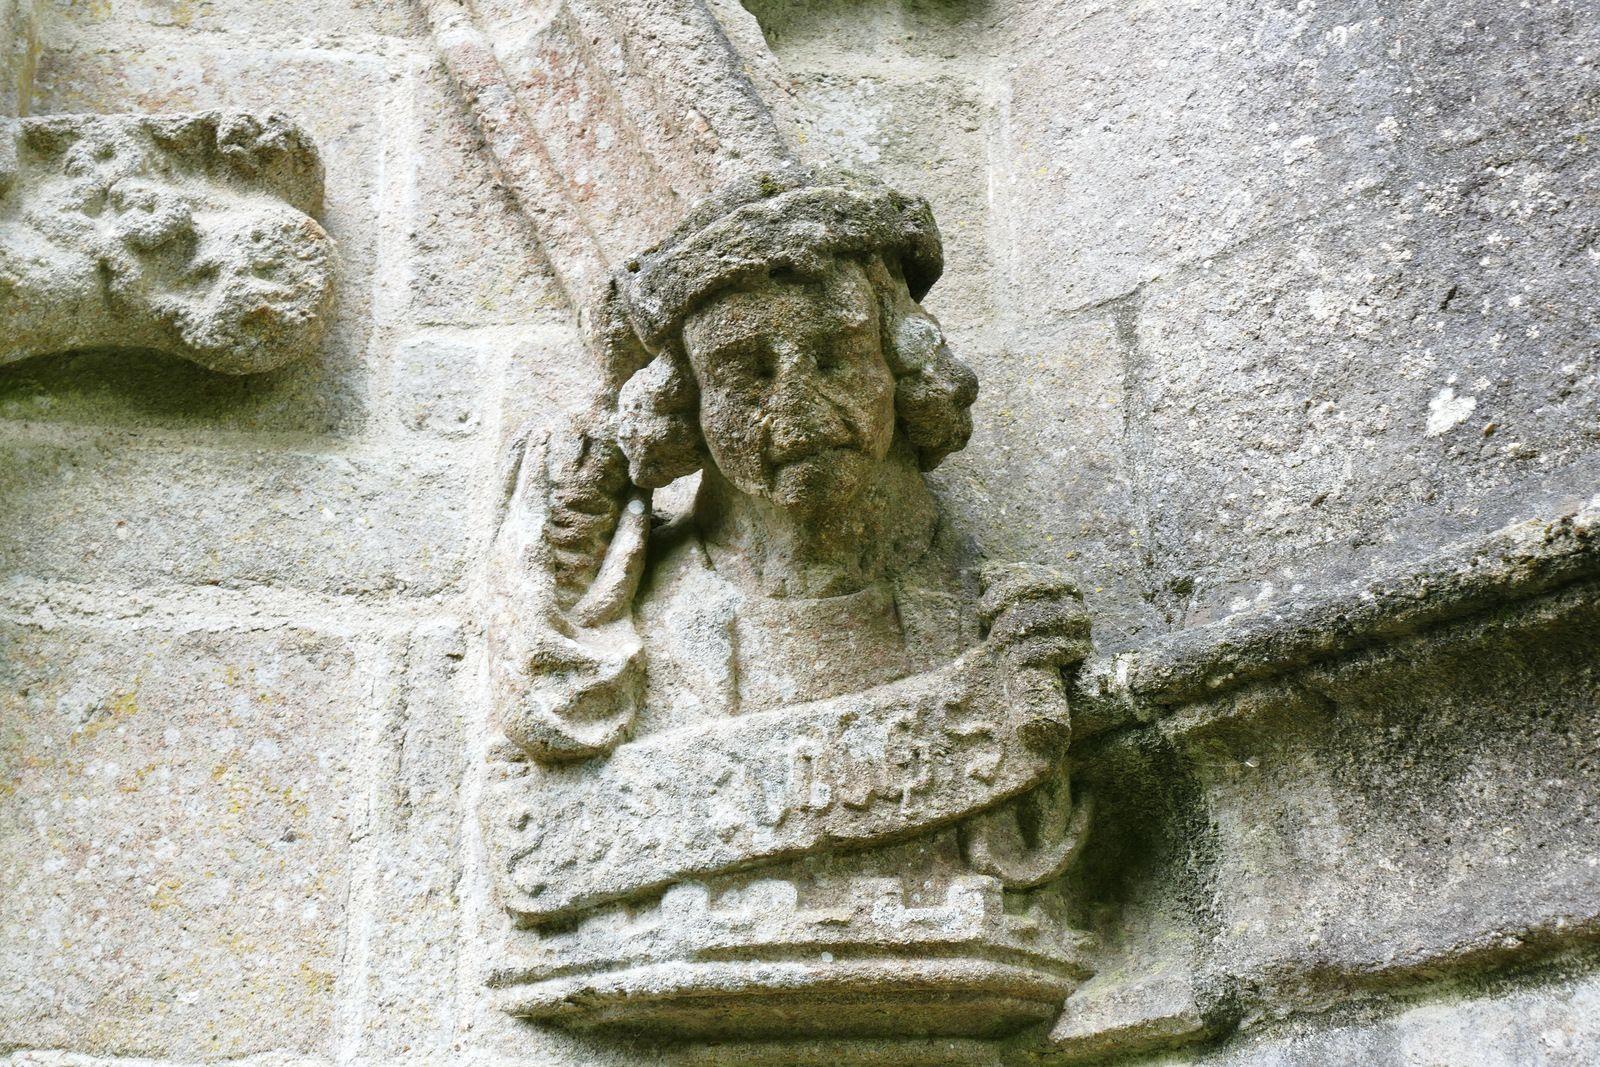 Porche ouest (1516) de la chapelle de Saint-Herbot. Photographie lavieb-aile 4 août 2021.